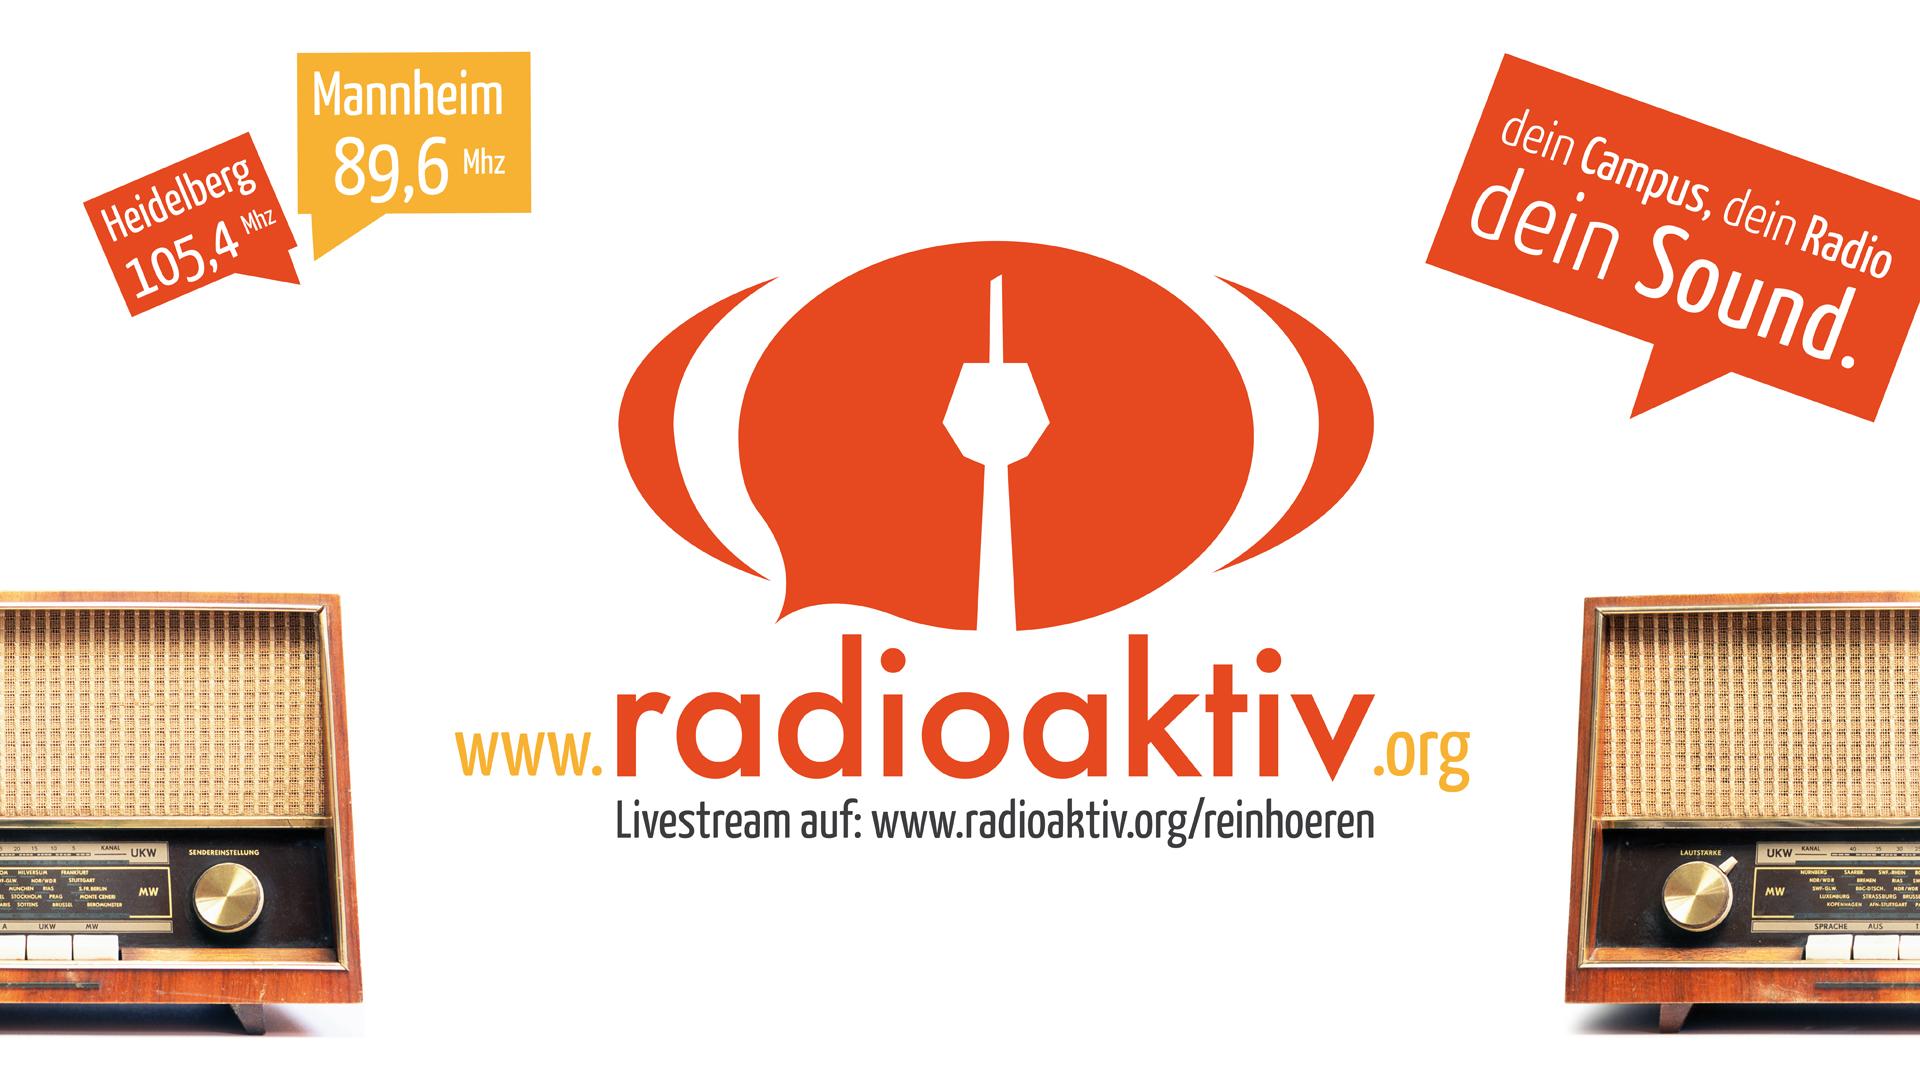 Radioaktiv Websitebanner